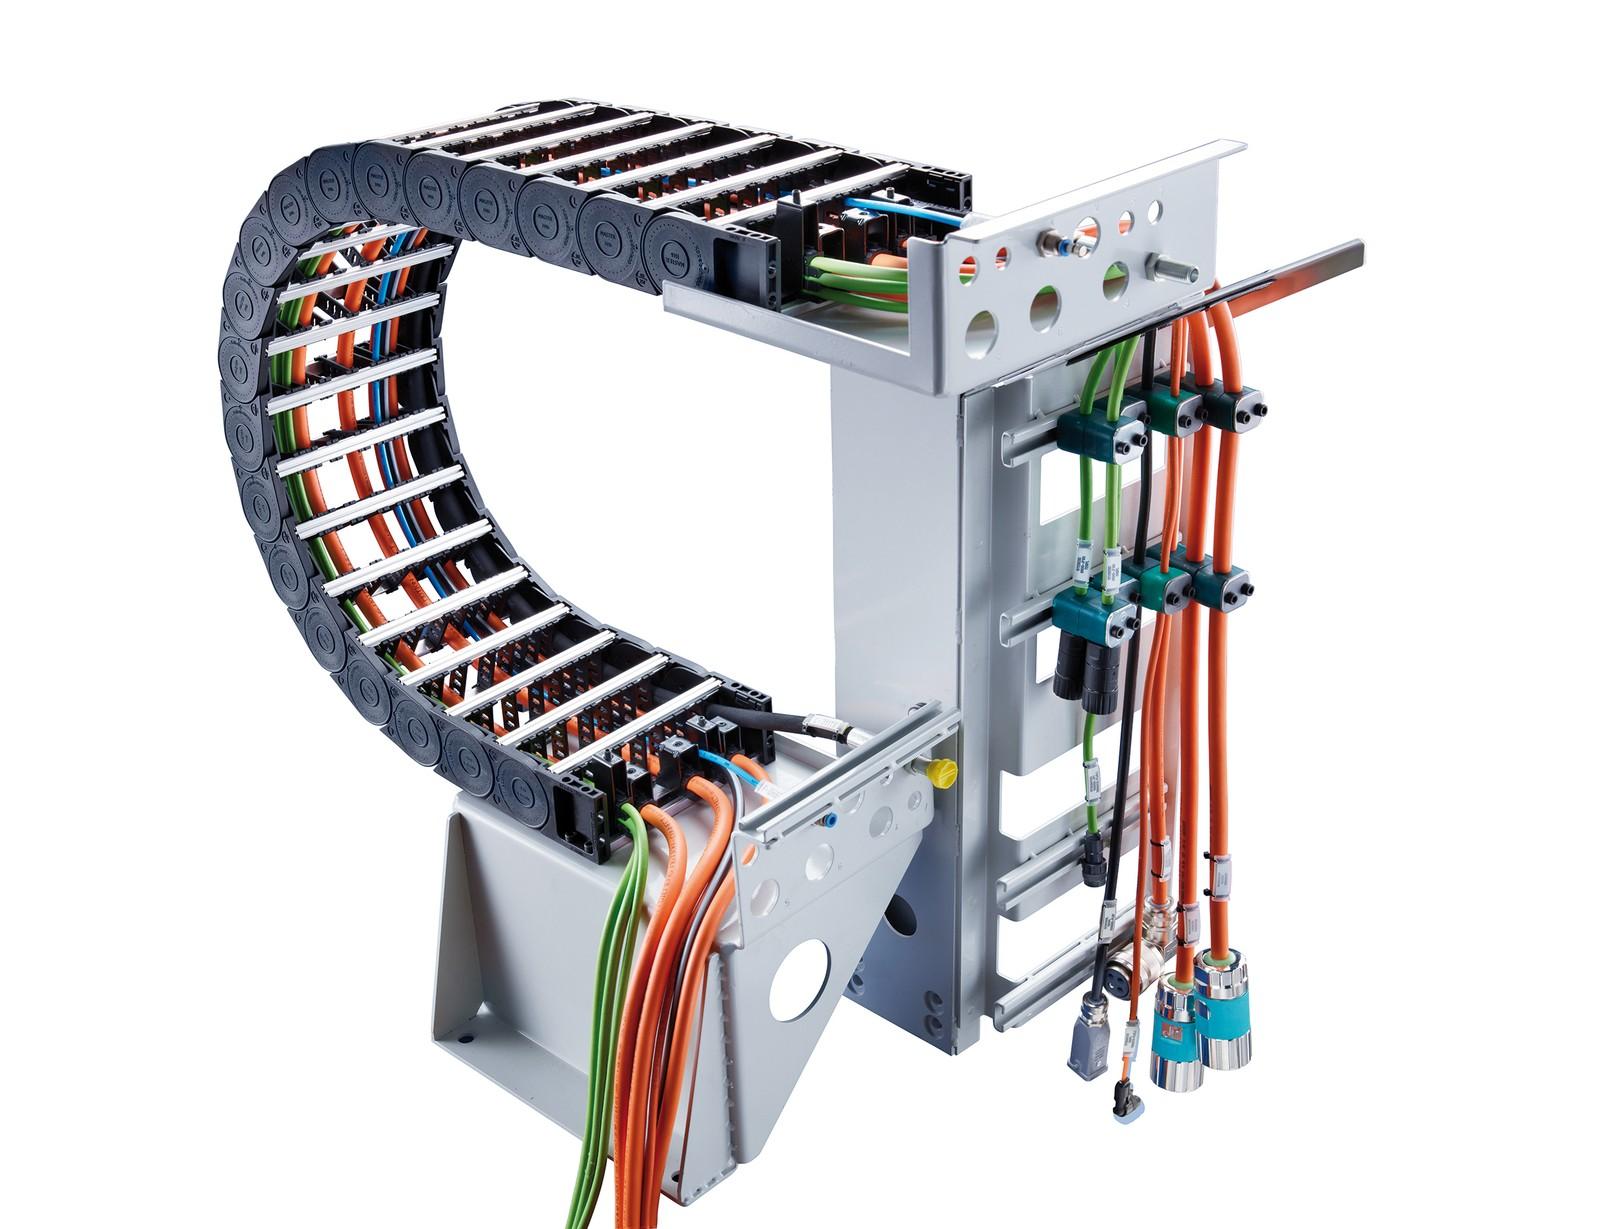 Tsubaki Kabelschlepp bietet das Totaltrax_Konzept als anschlussfertige Lösung optimal aufeinander abgestimmter Komponenten.